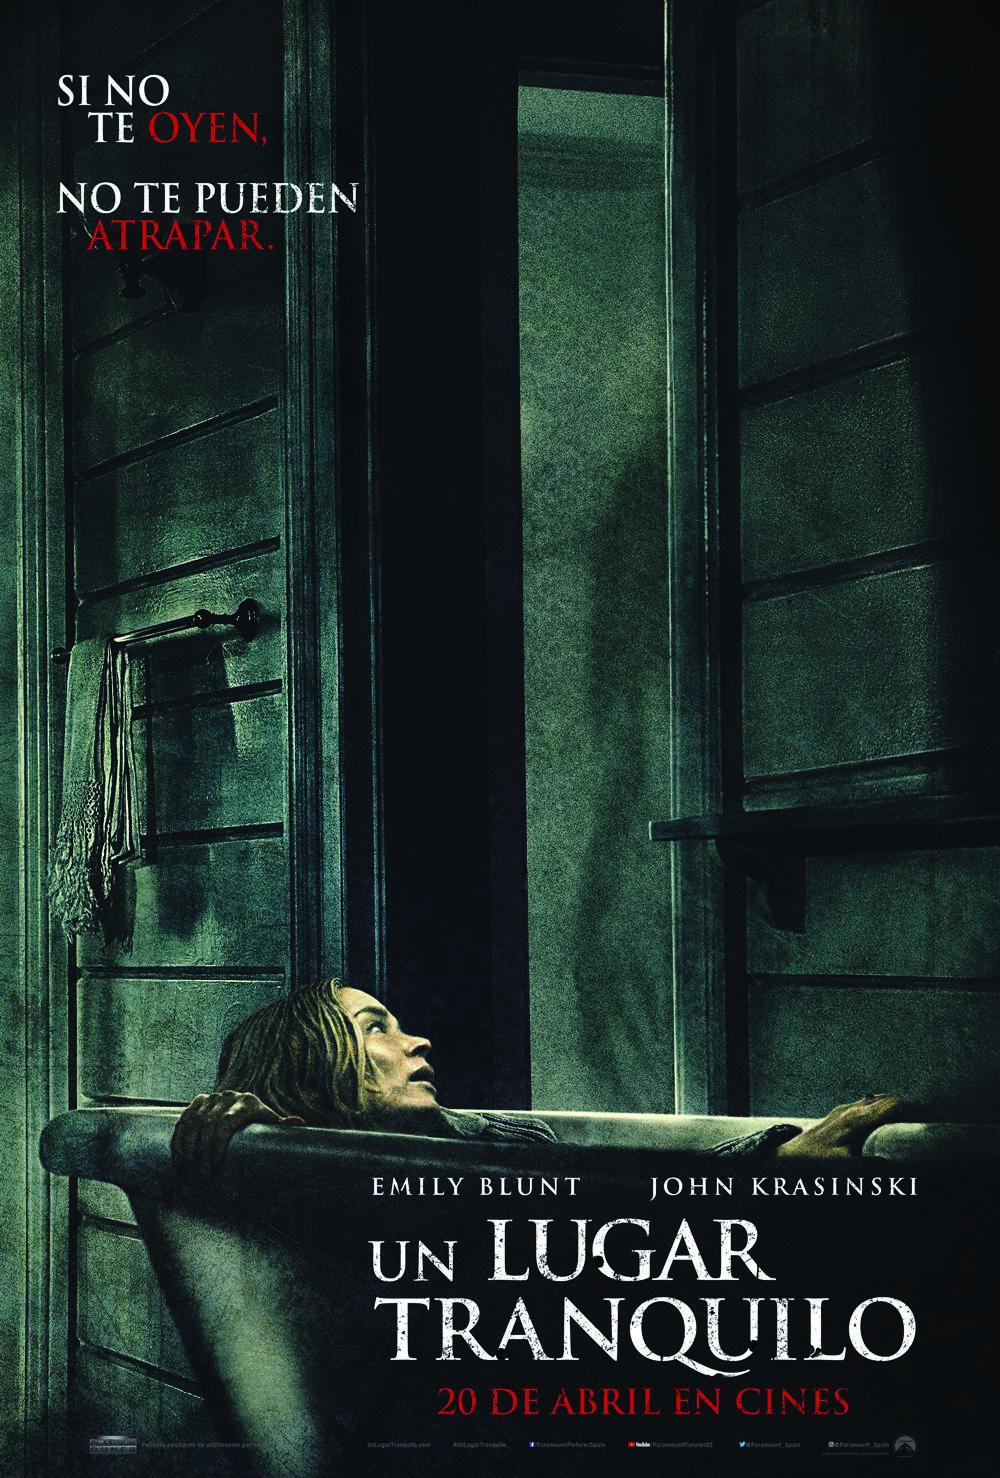 'Un lugar tranquilo': Póster de la película de terror con John Krasinski y Emily Blunt